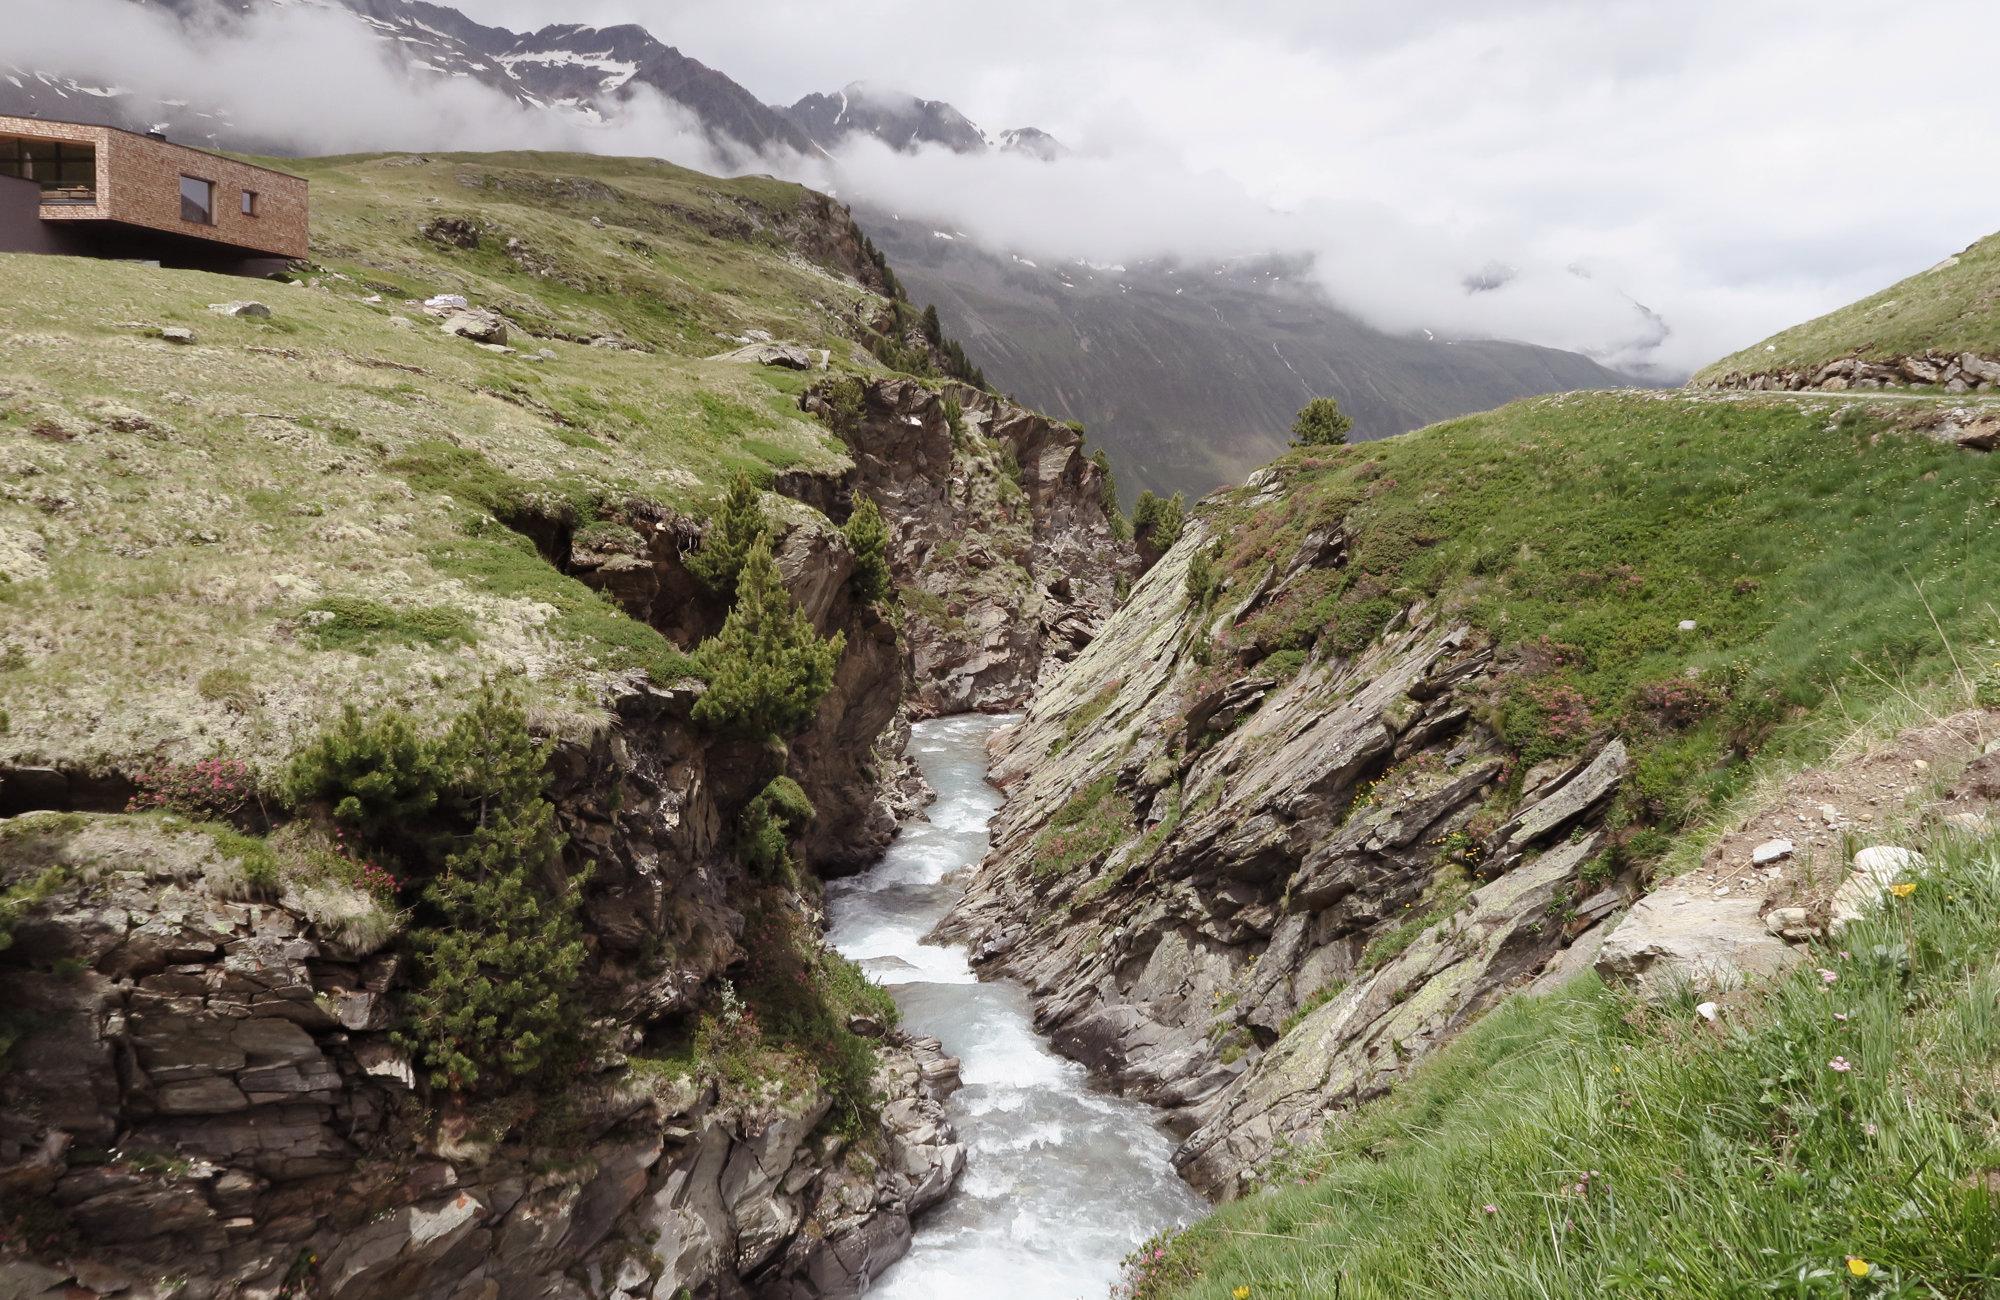 Schönwieshütte mit Schlucht, Wanderung Hangerer, Bergwandern Ötztal, Wandertour Ötztal, Alpen, Tirol, Dreitausender